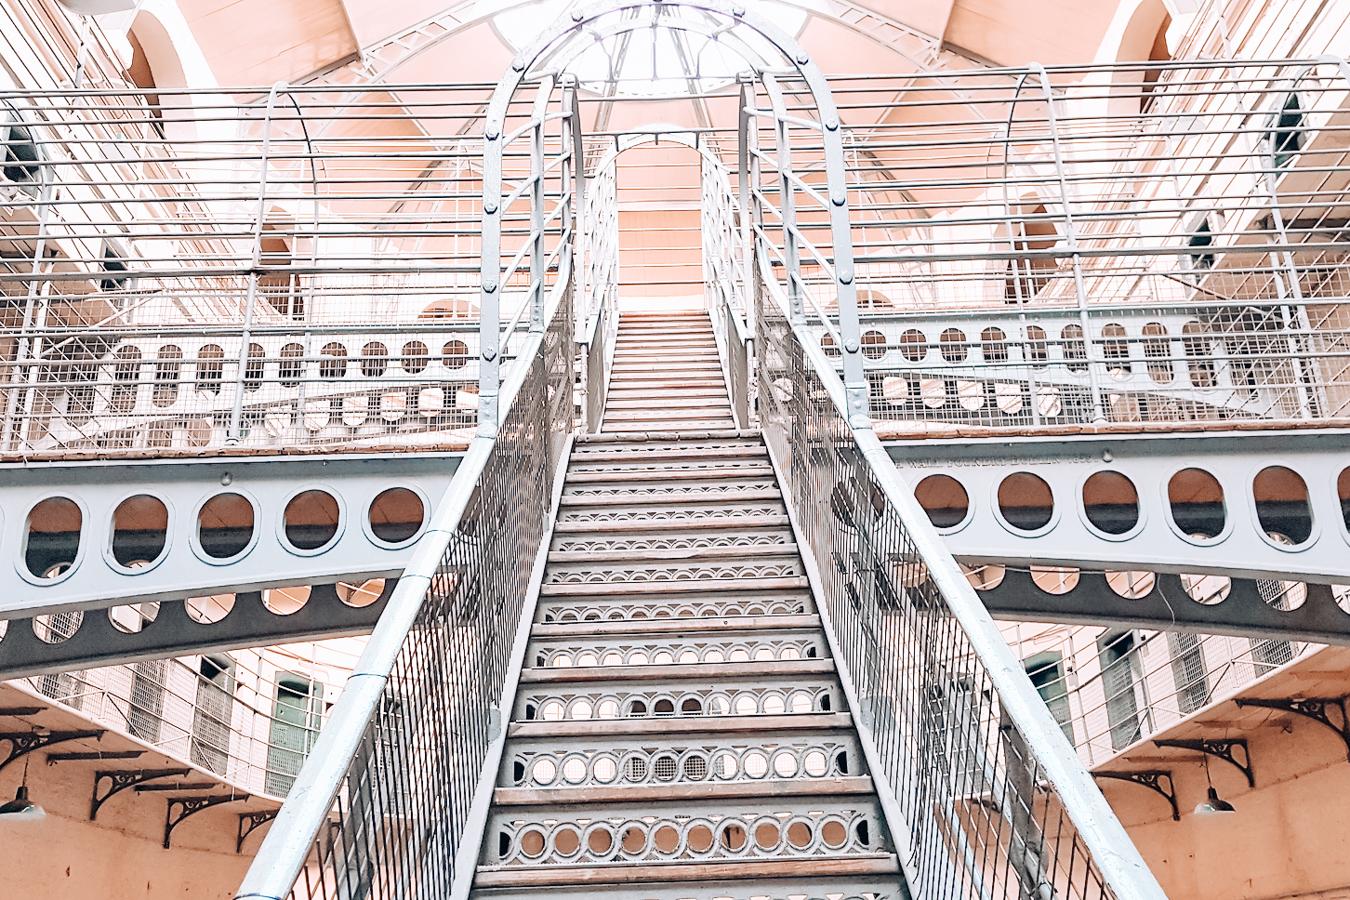 Stairs at Kilmainham Gaol